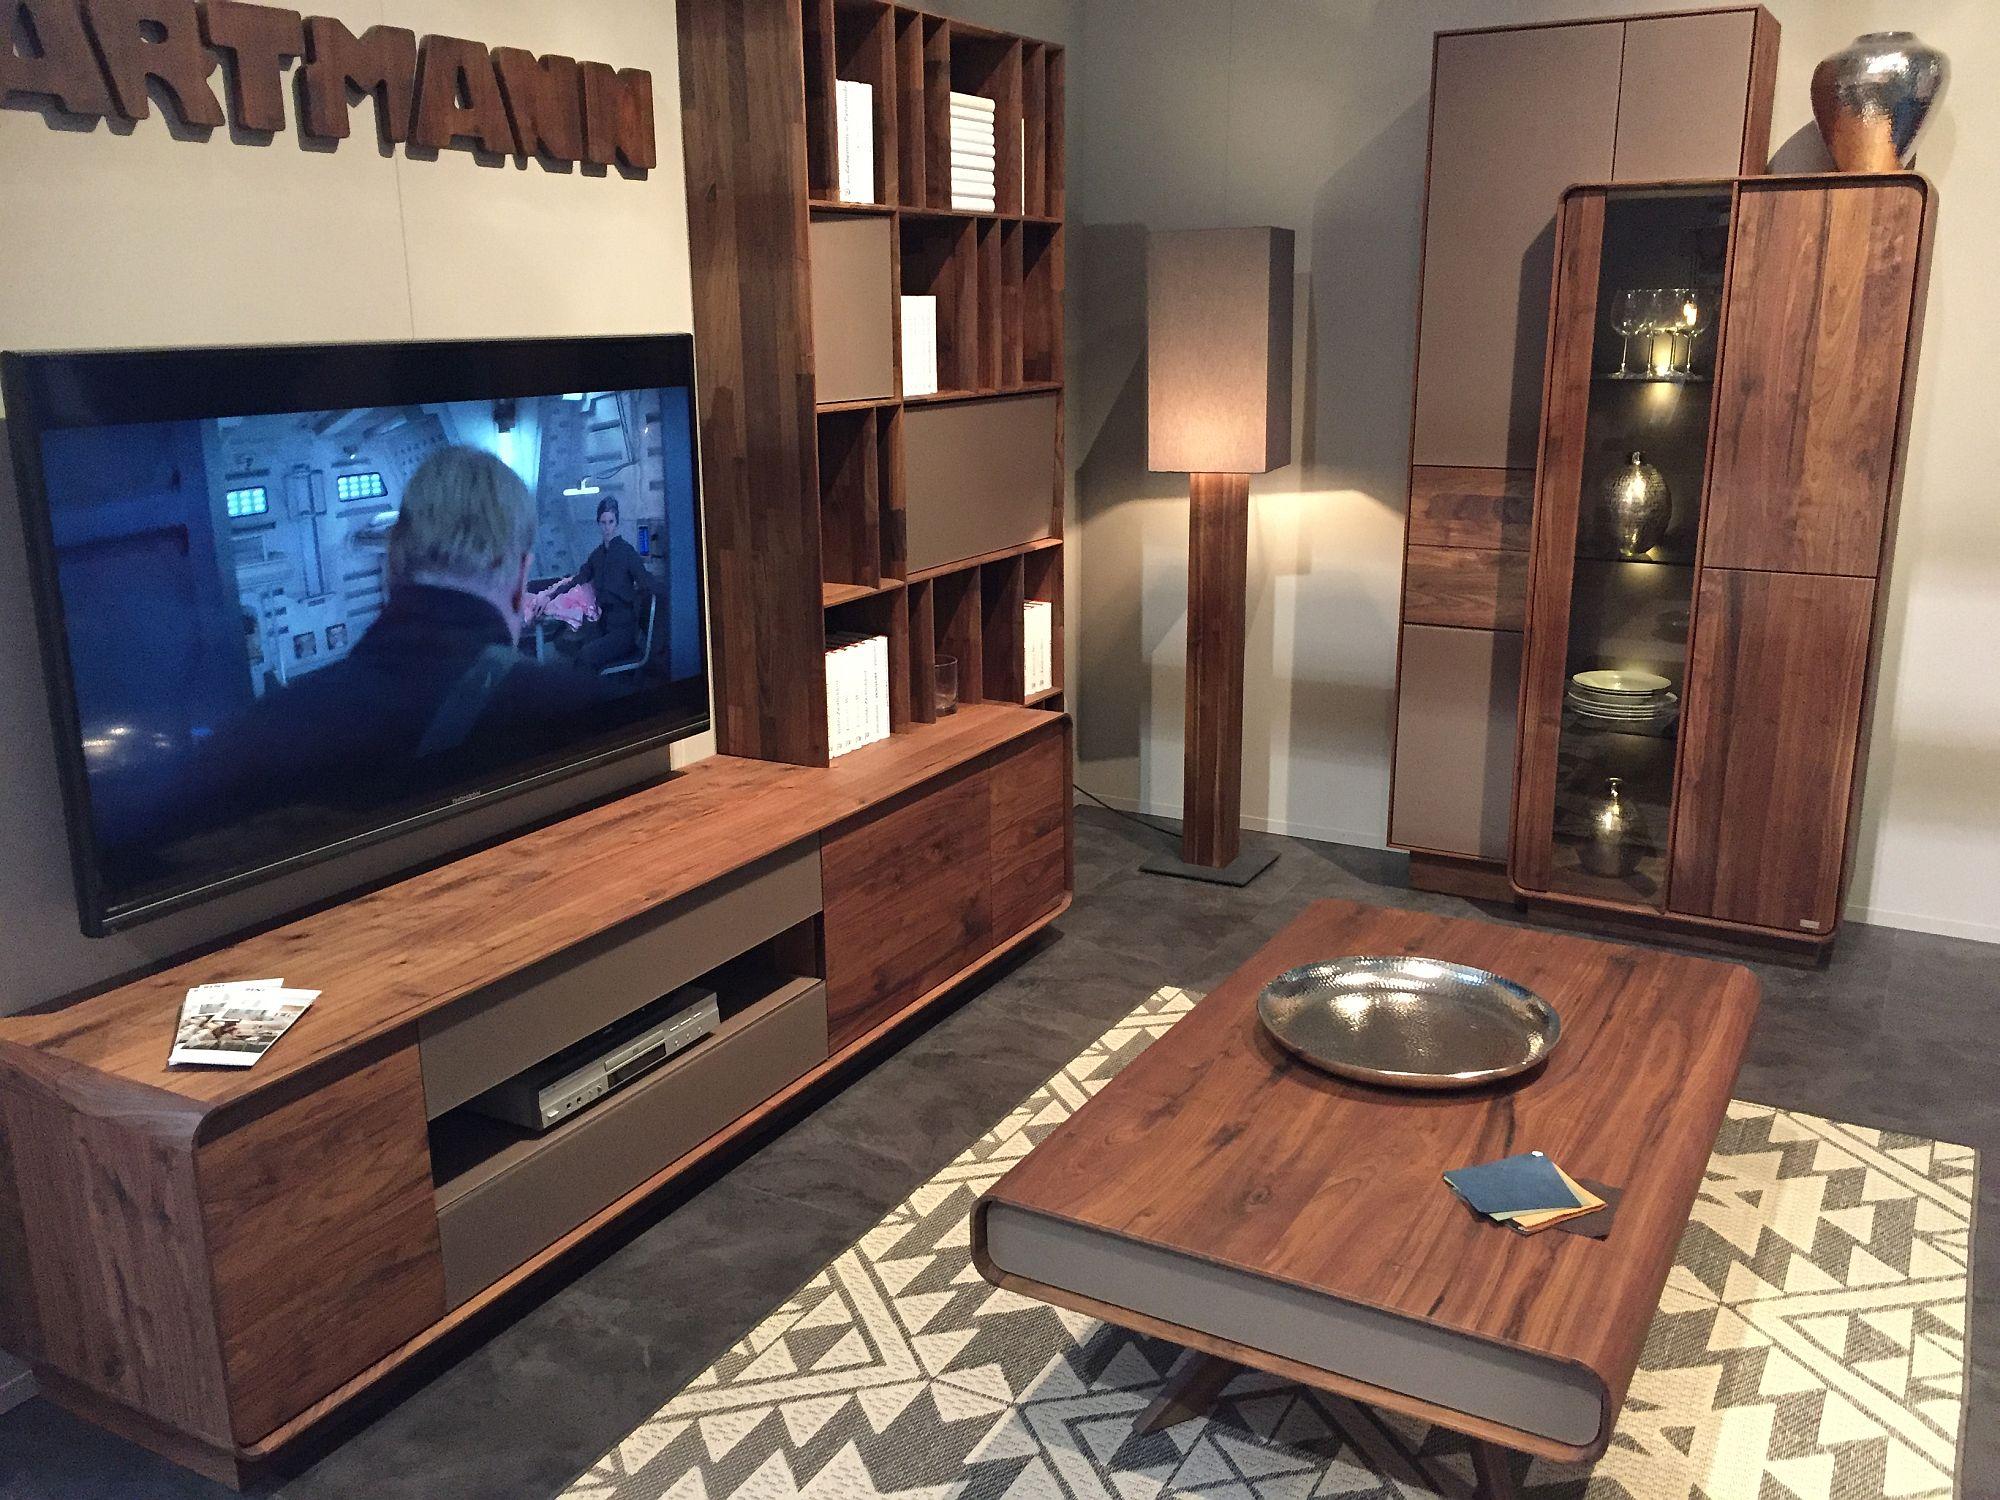 Kabinet dan rak tv kayu jimat ruang inspirasi Hartmann